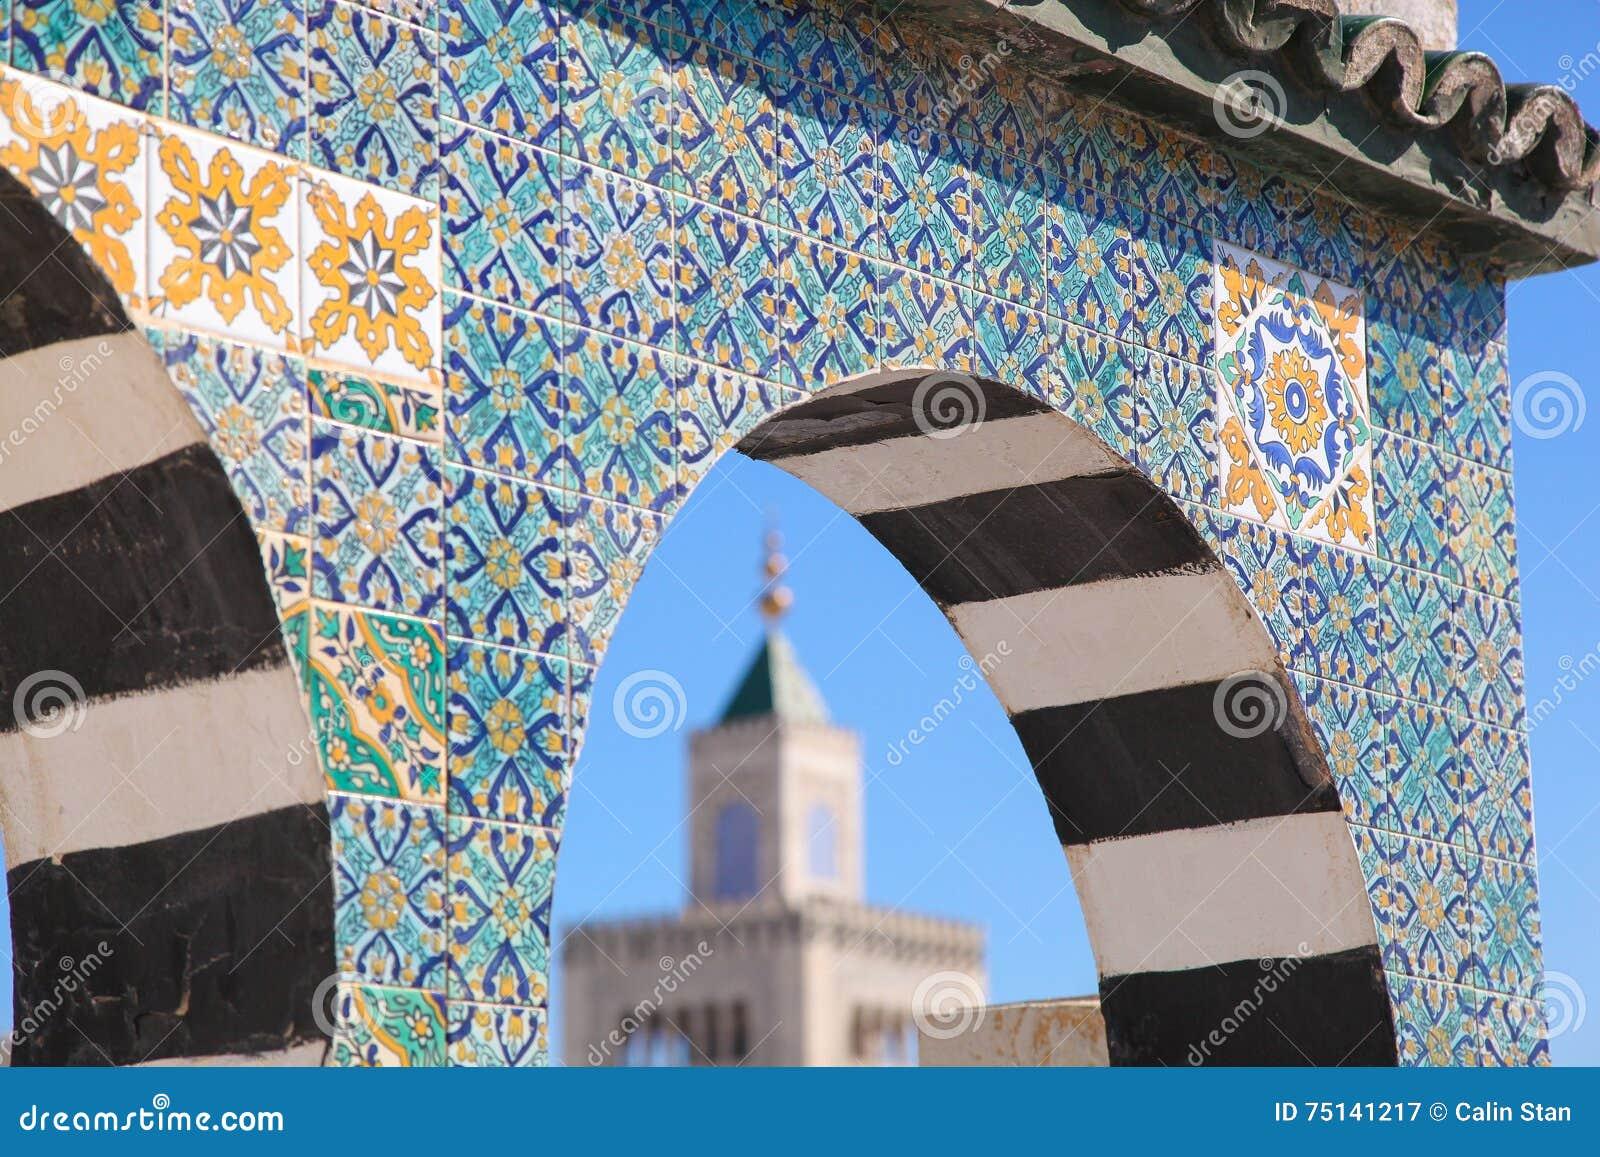 Islamisches keramisches Dekorationsmuster auf der Wand in Tunis, die Kappe